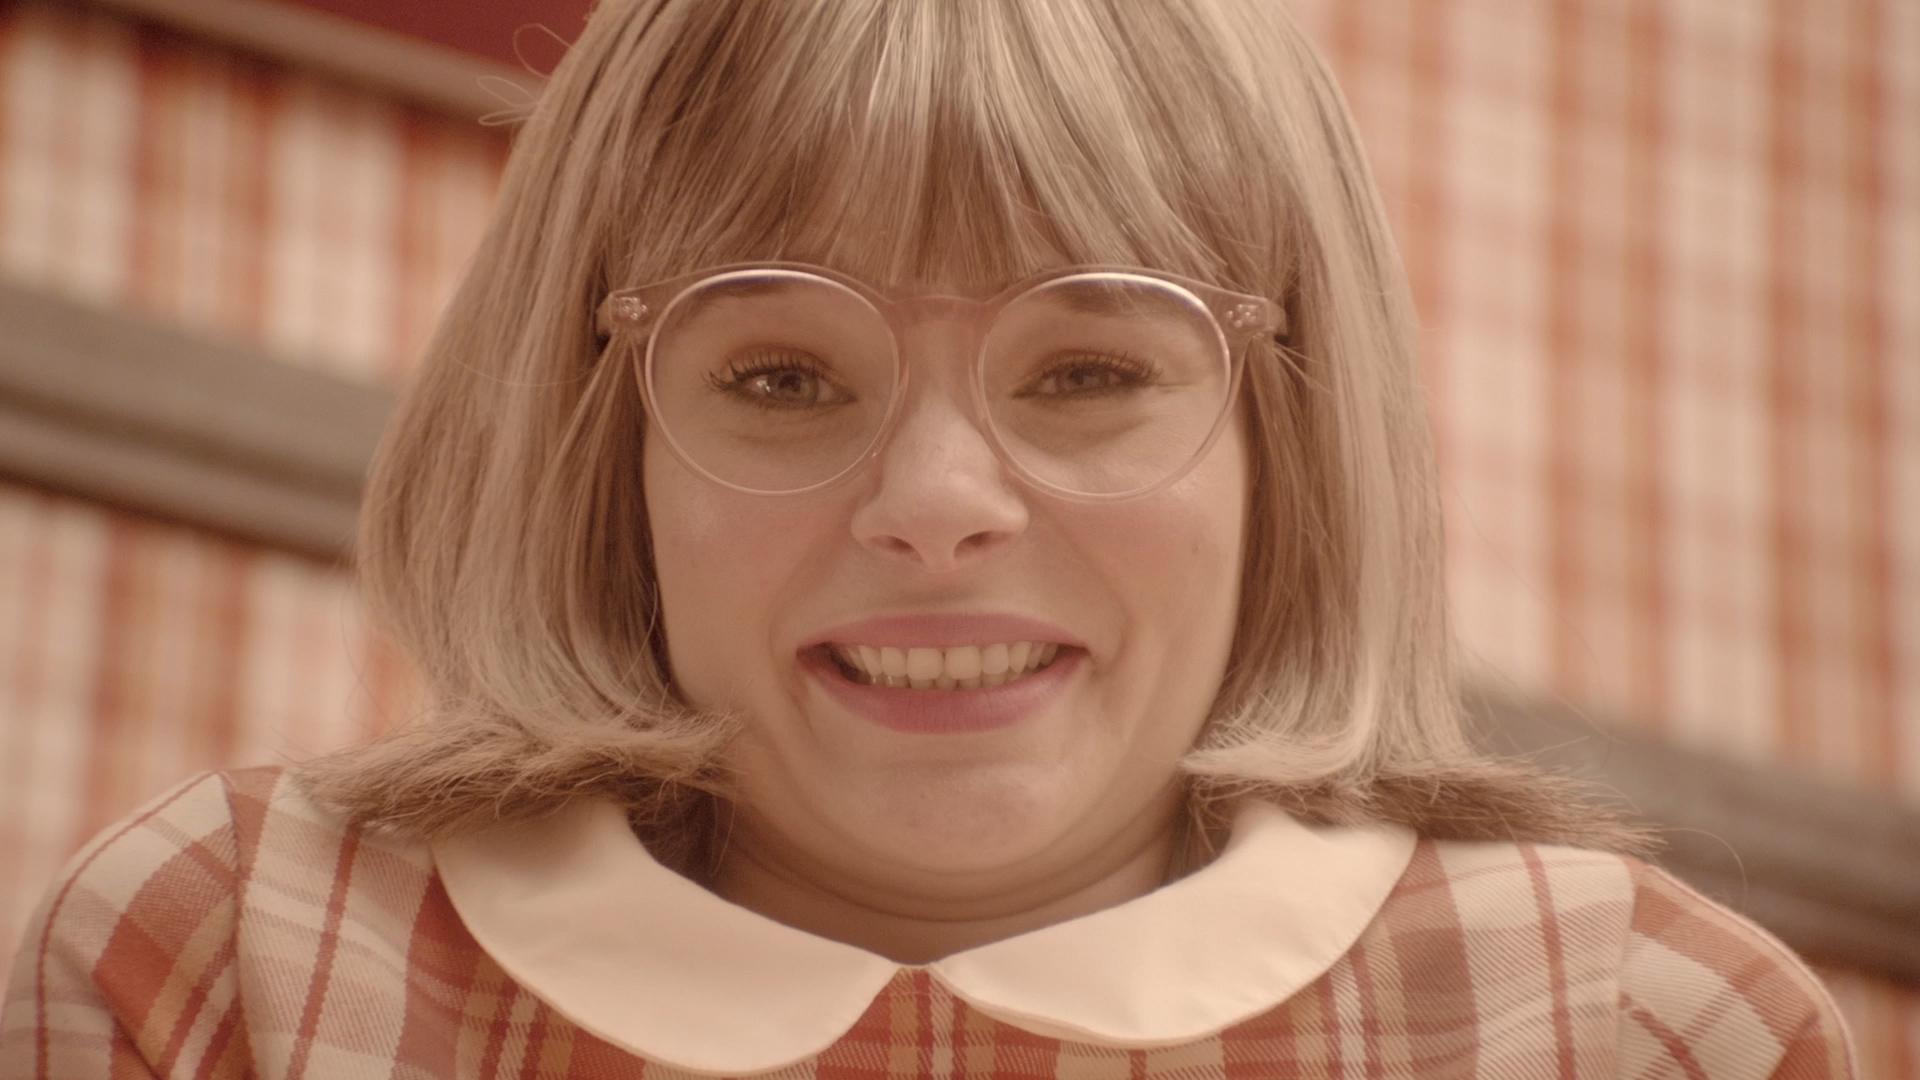 Na imagem, uma atriz adulta interpreta uma criança, com cara de surpresa. A personagem veste roupas xadrês nas cores rosa e branco, usa óculos rosa e tem cabelos loiros. A parede atrás da menina também é xadrês, nas mesmas cores: rosa e branco.